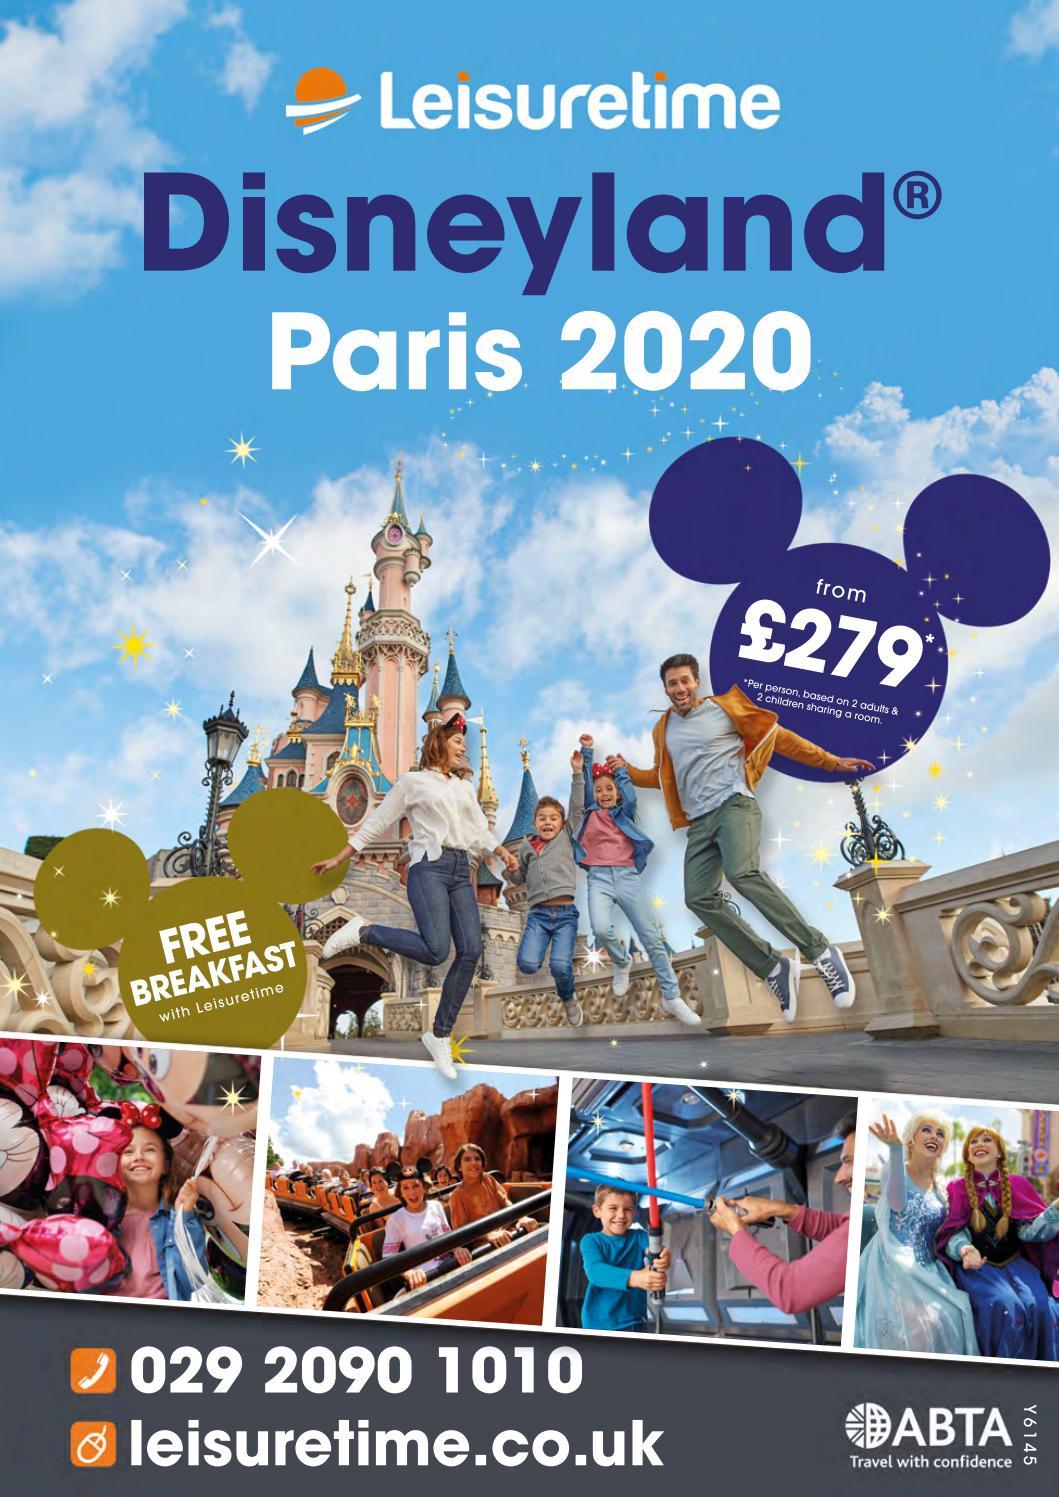 Leisuretime Disneyland Paris 2020 By Leisuretime Issuu